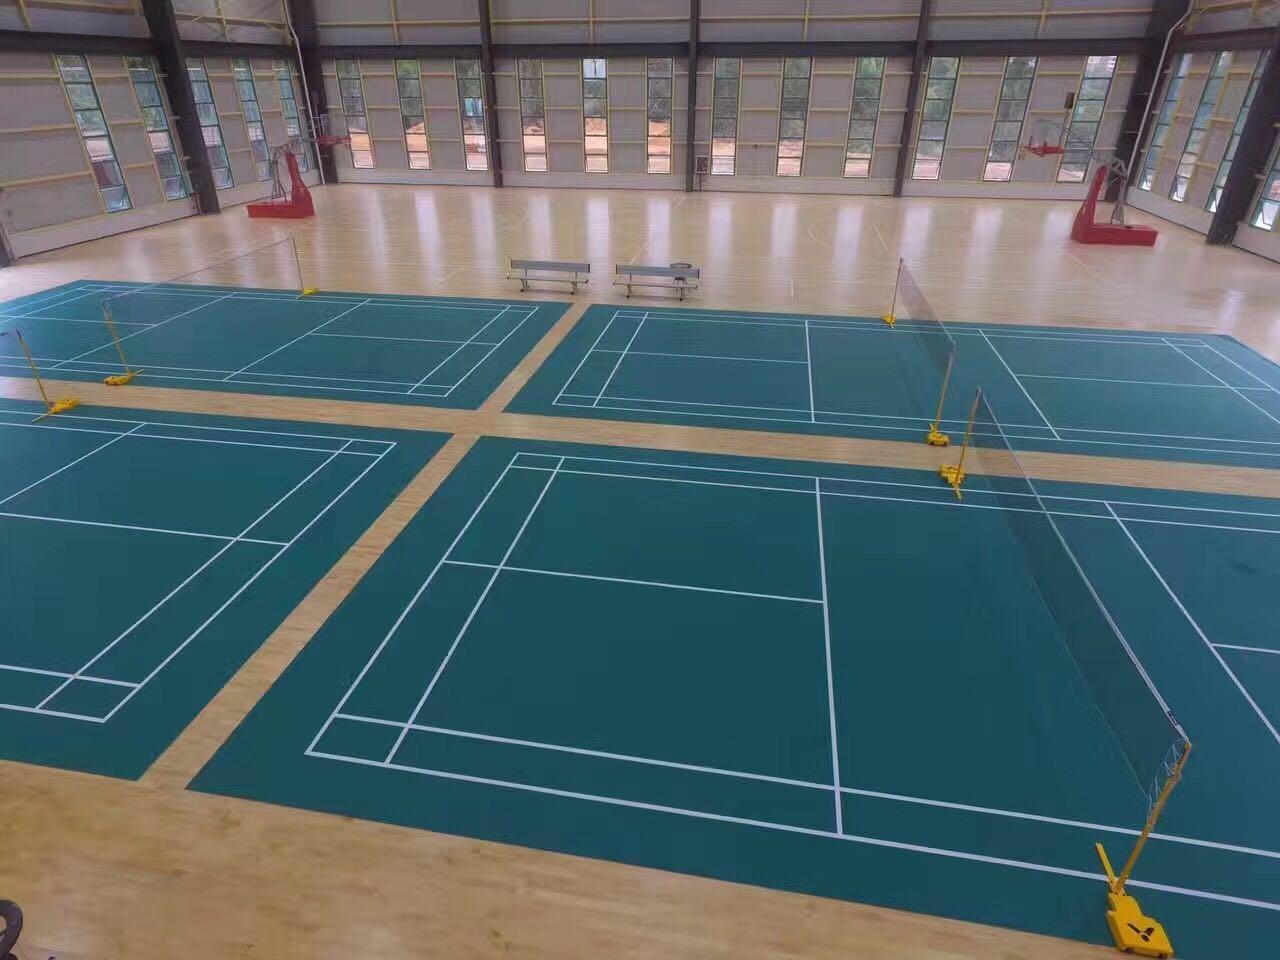 羽毛球场地 羽毛球场工程 羽毛球场尺寸